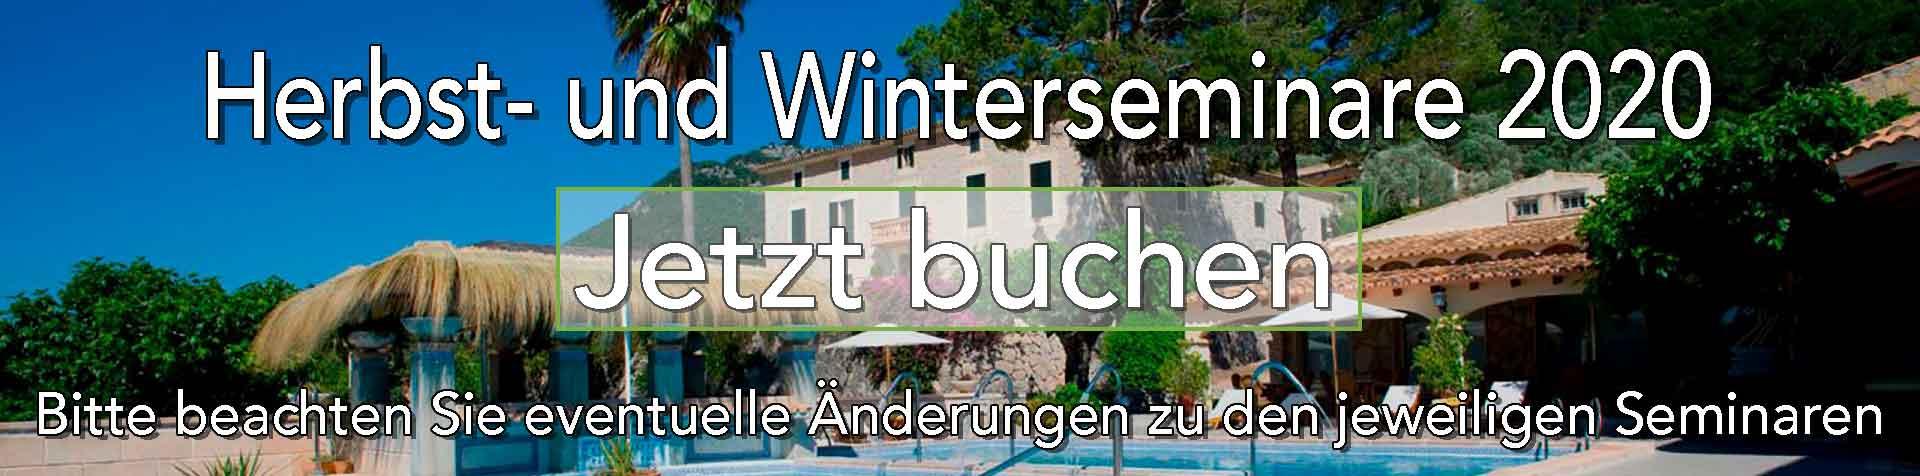 seminar psychosomatische Grundversorgung Herbst/winter 2020